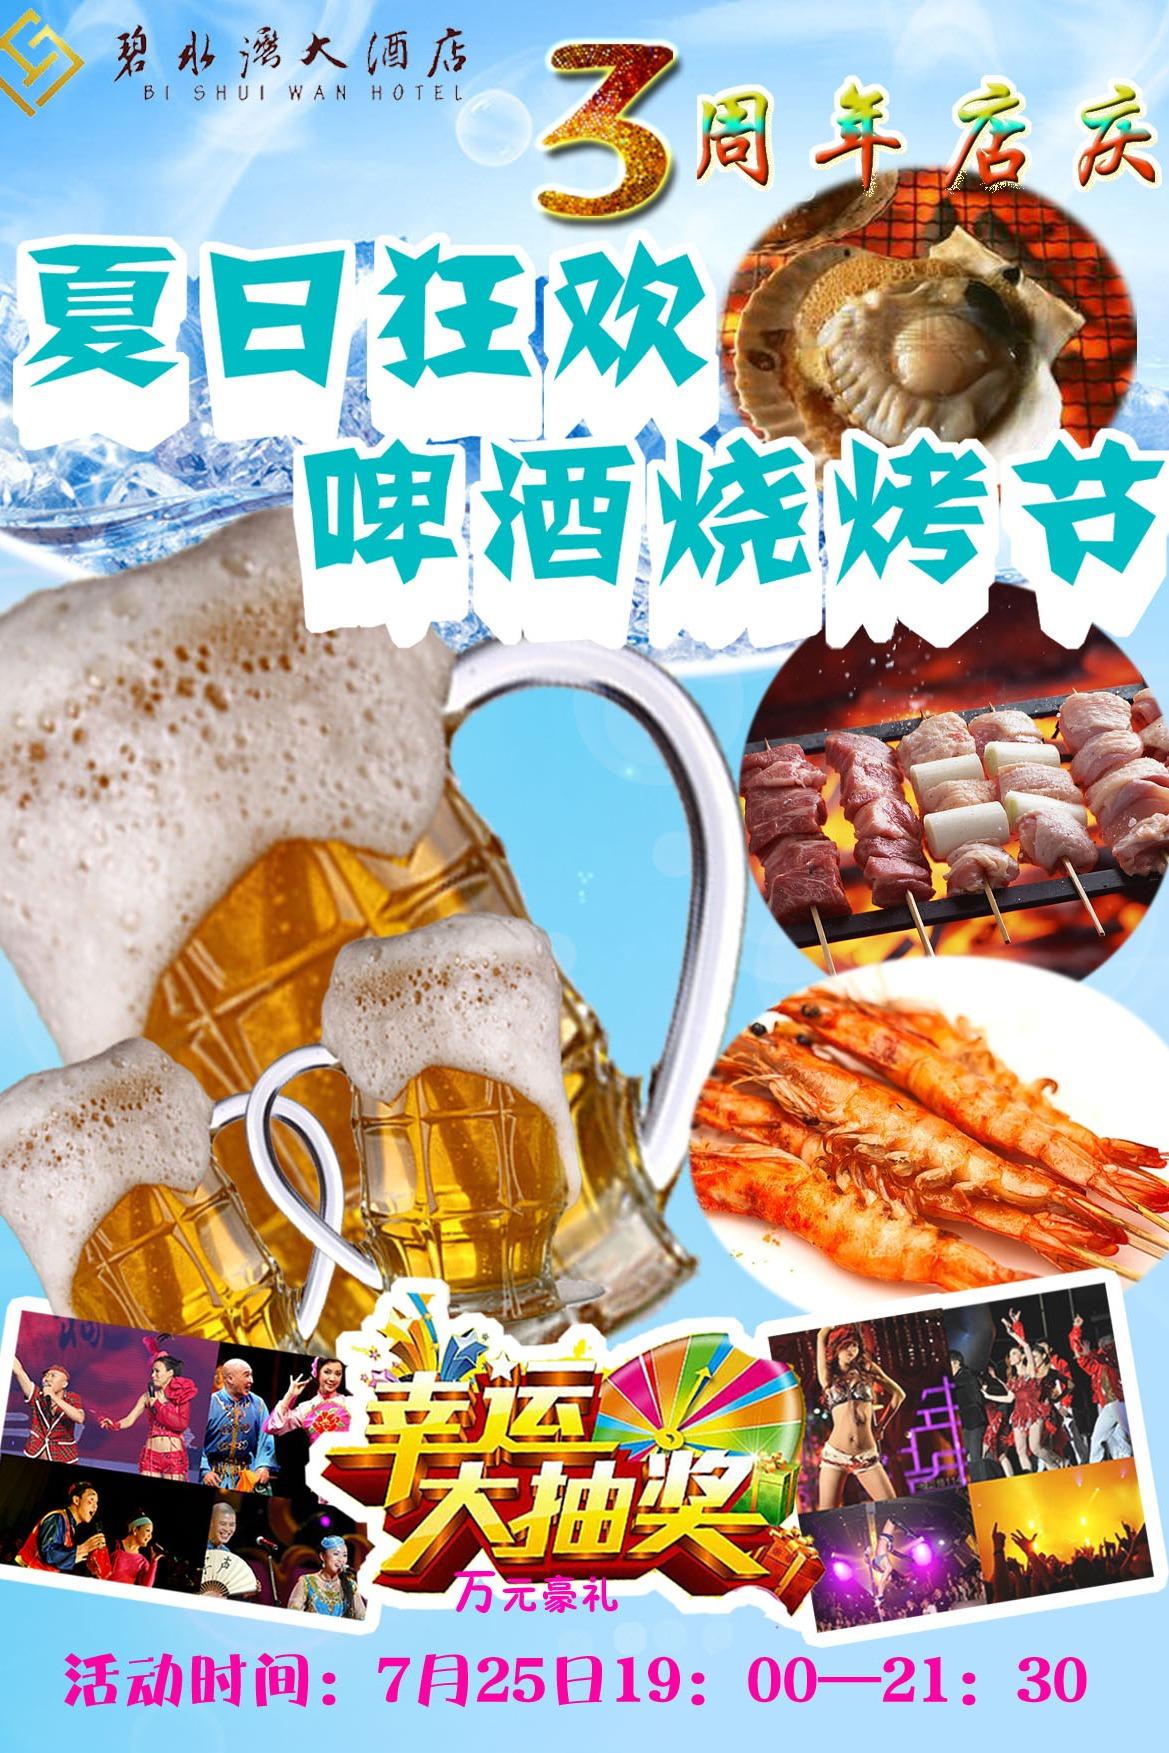 夏日狂欢烧烤啤酒节